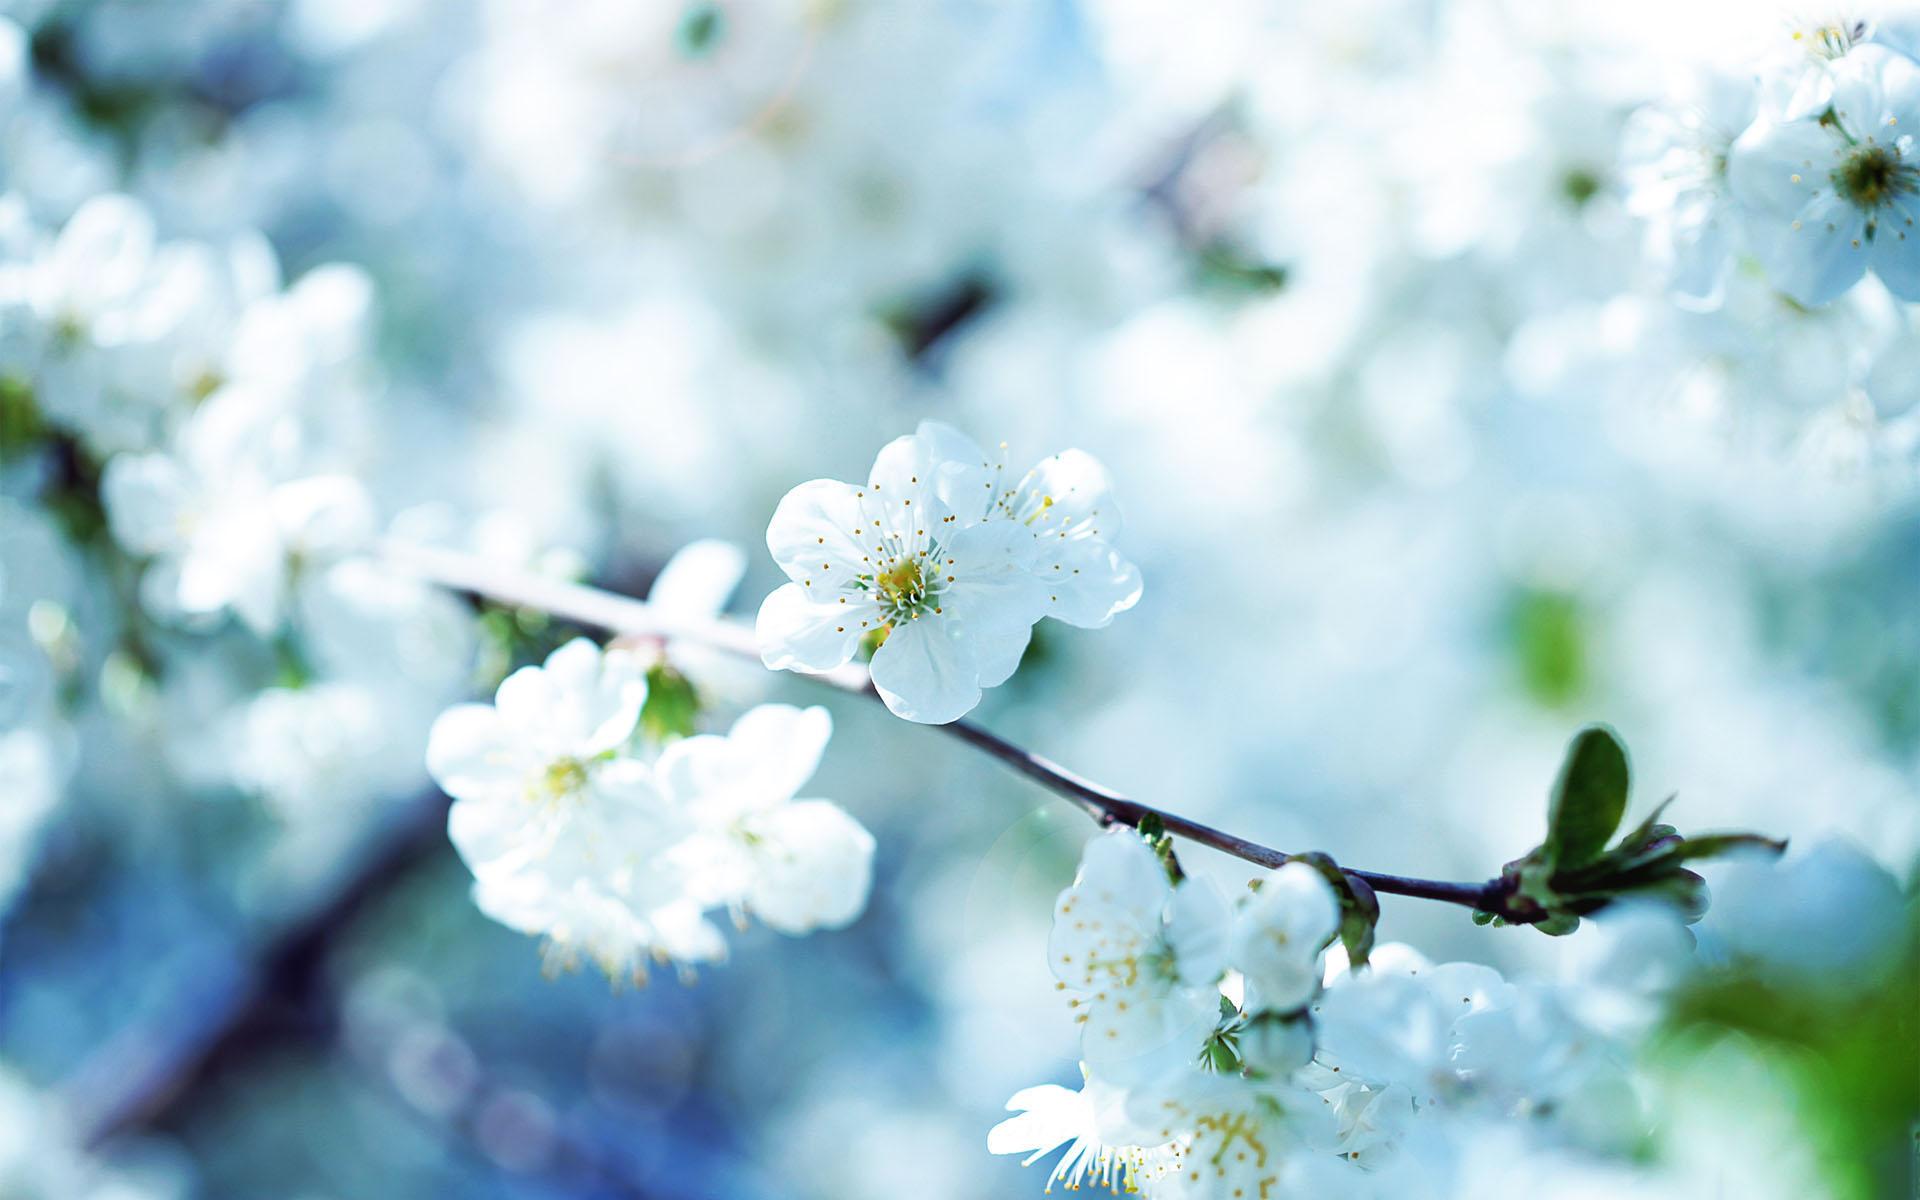 Hình nền hoa cực đẹp